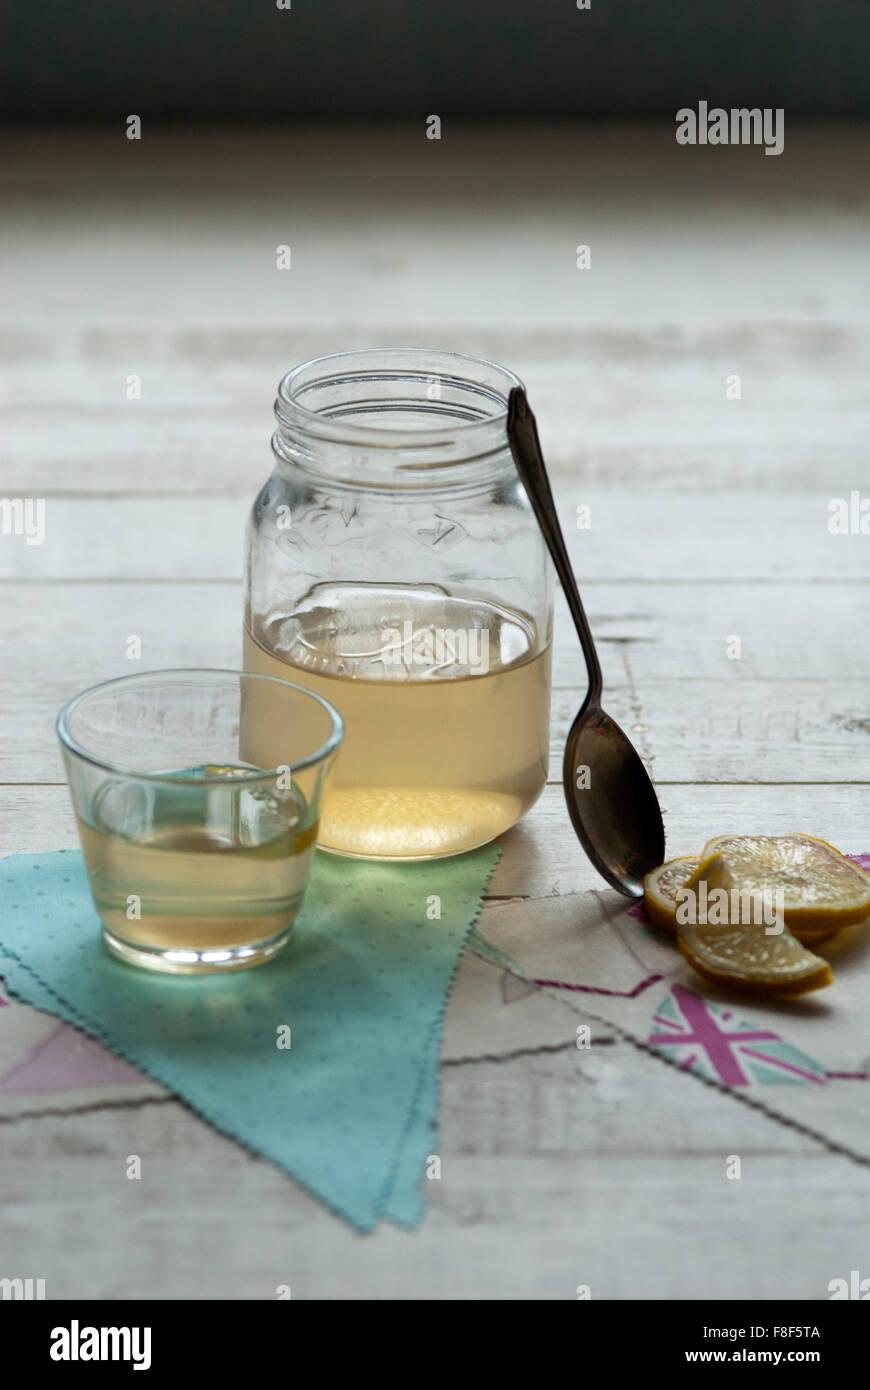 Still life food image of Switchel - cider vinegar drink - Stock Image